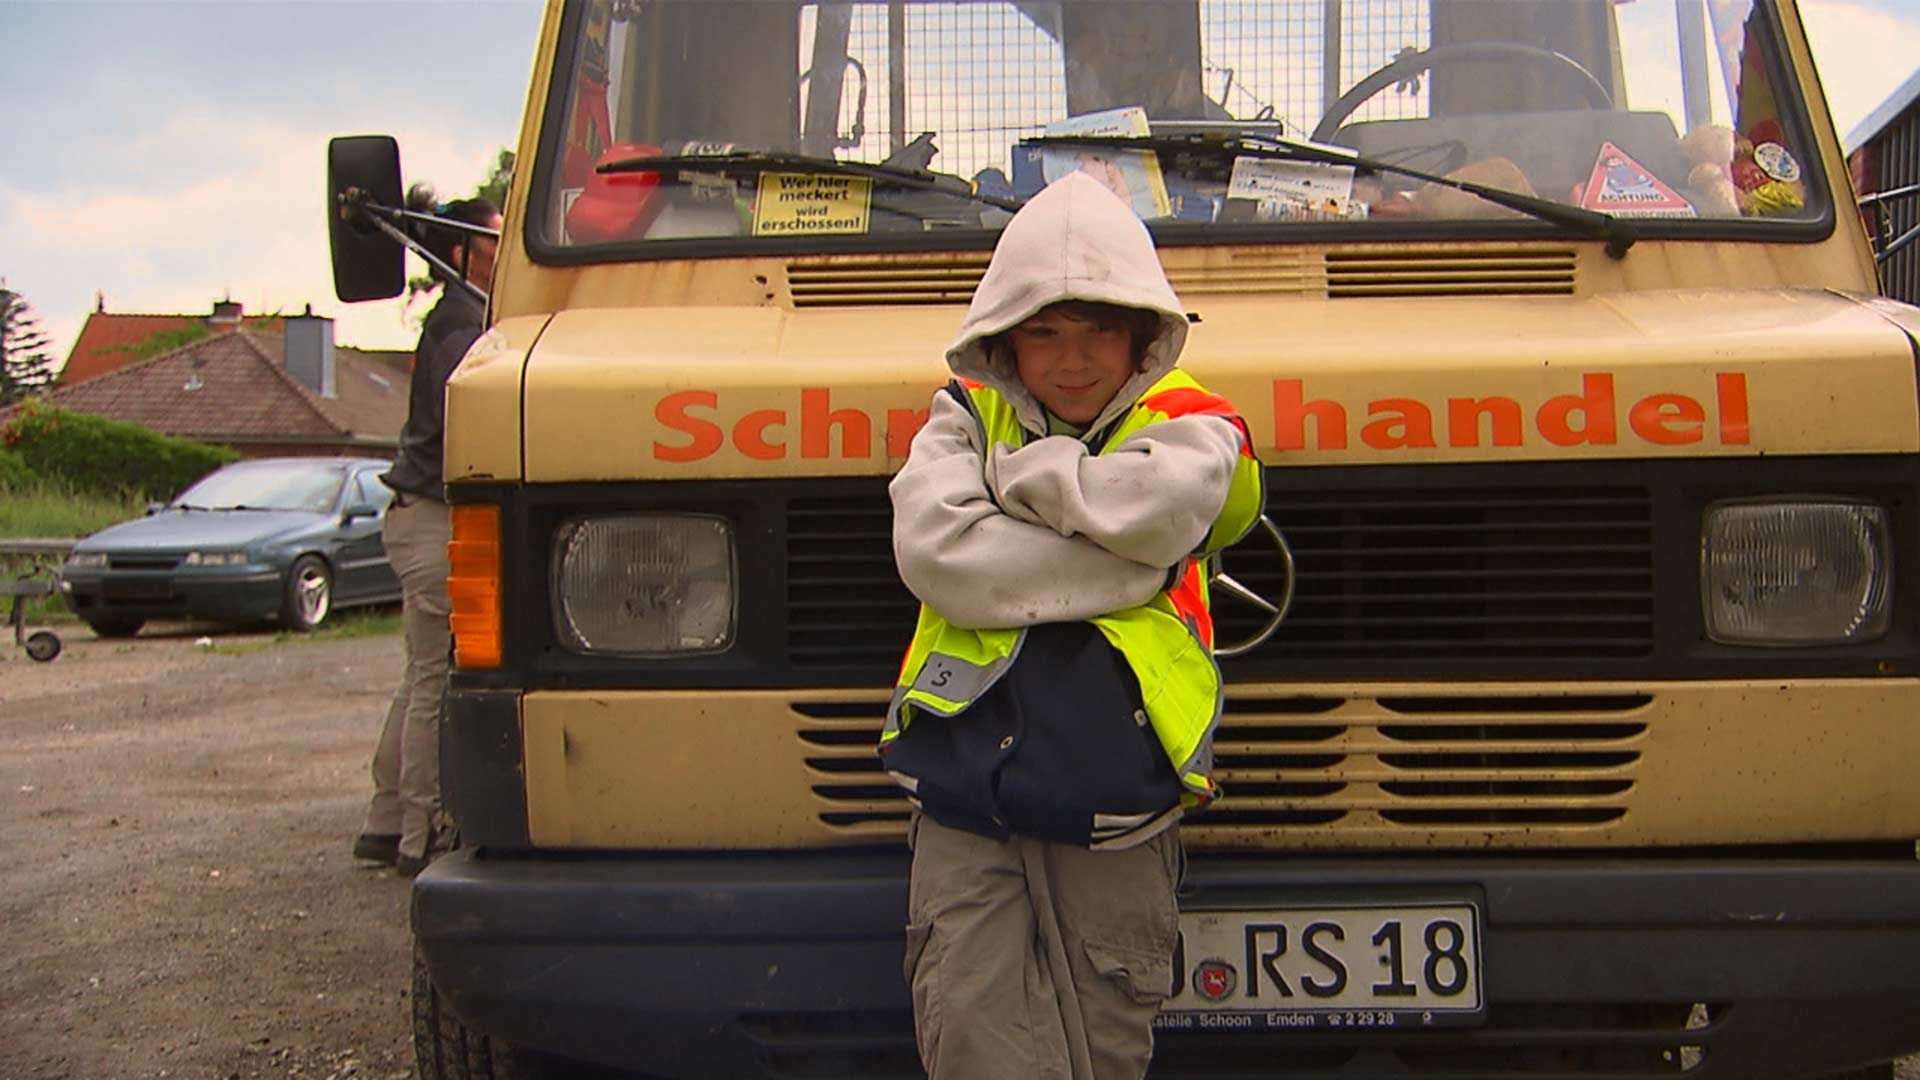 Kind vor LKW mit Aufschrift Schrotthandel